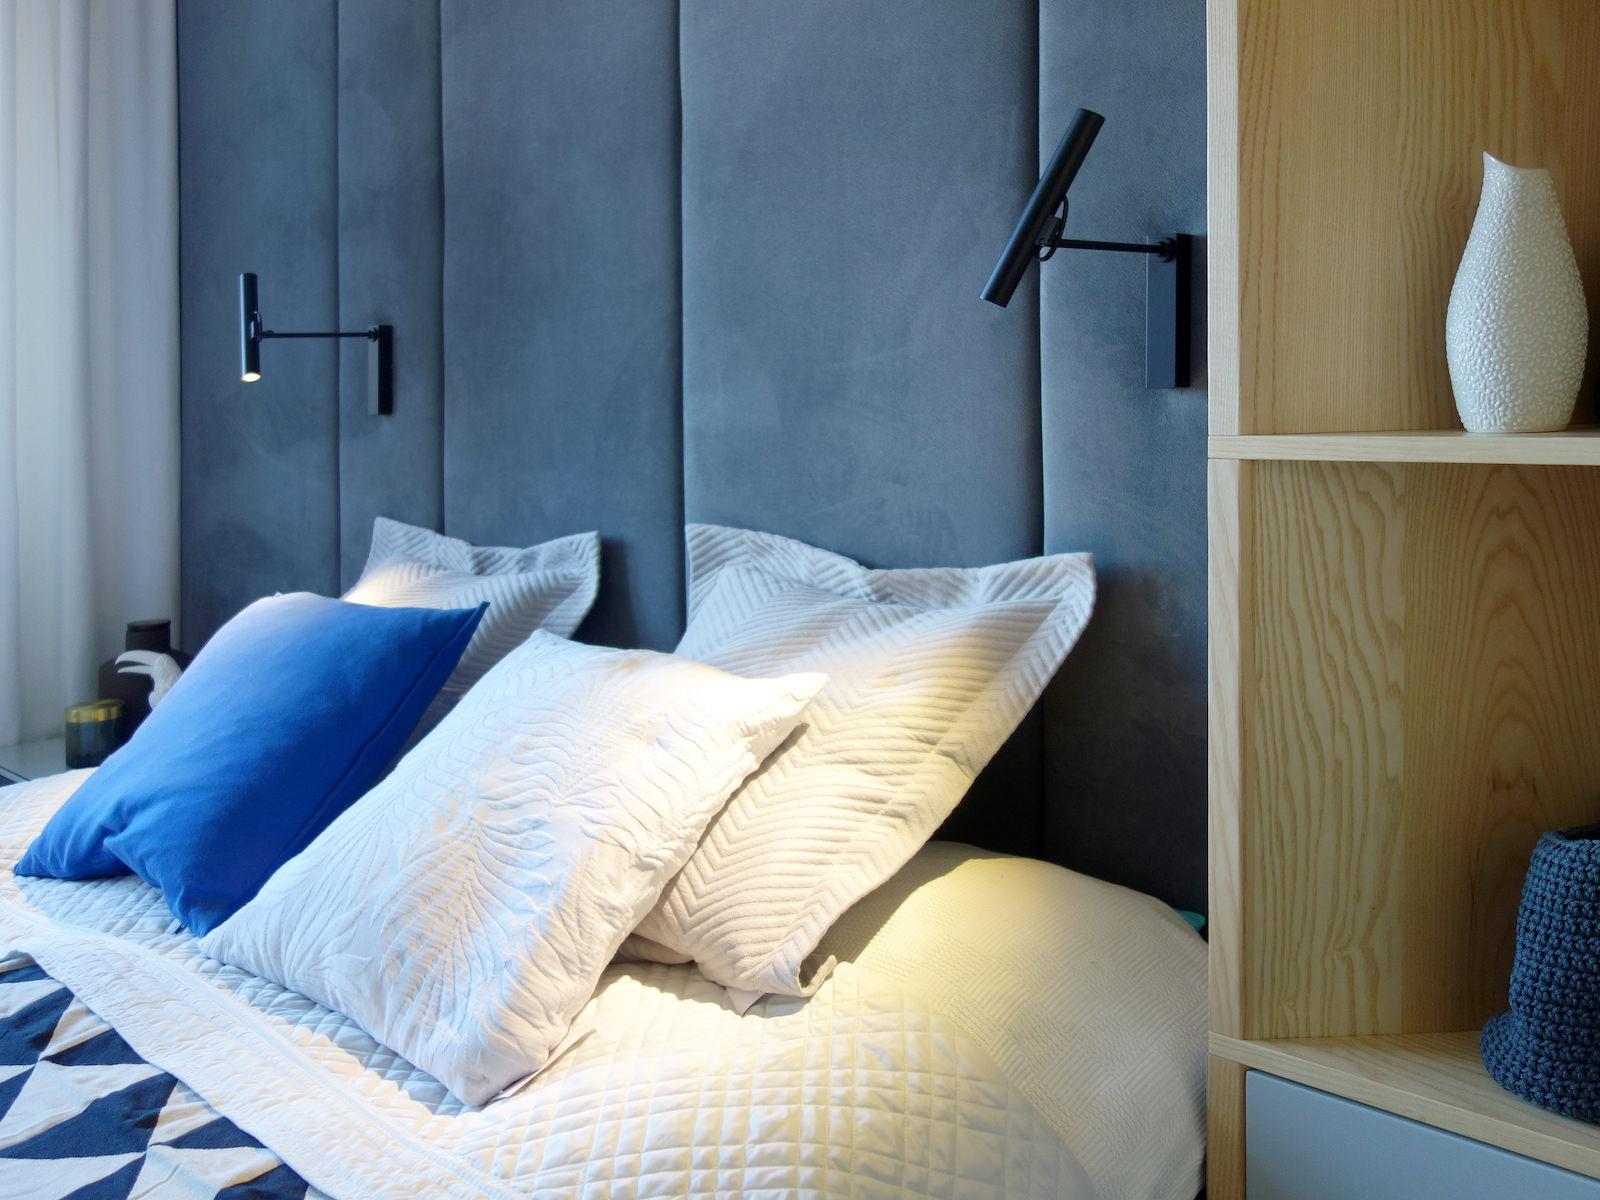 4 projektowanie wnetrz R034 dom katowice sypialnia lozko z zaglowkiem na scianie granatowy w sypialni kinkiety do czytania kasiazki